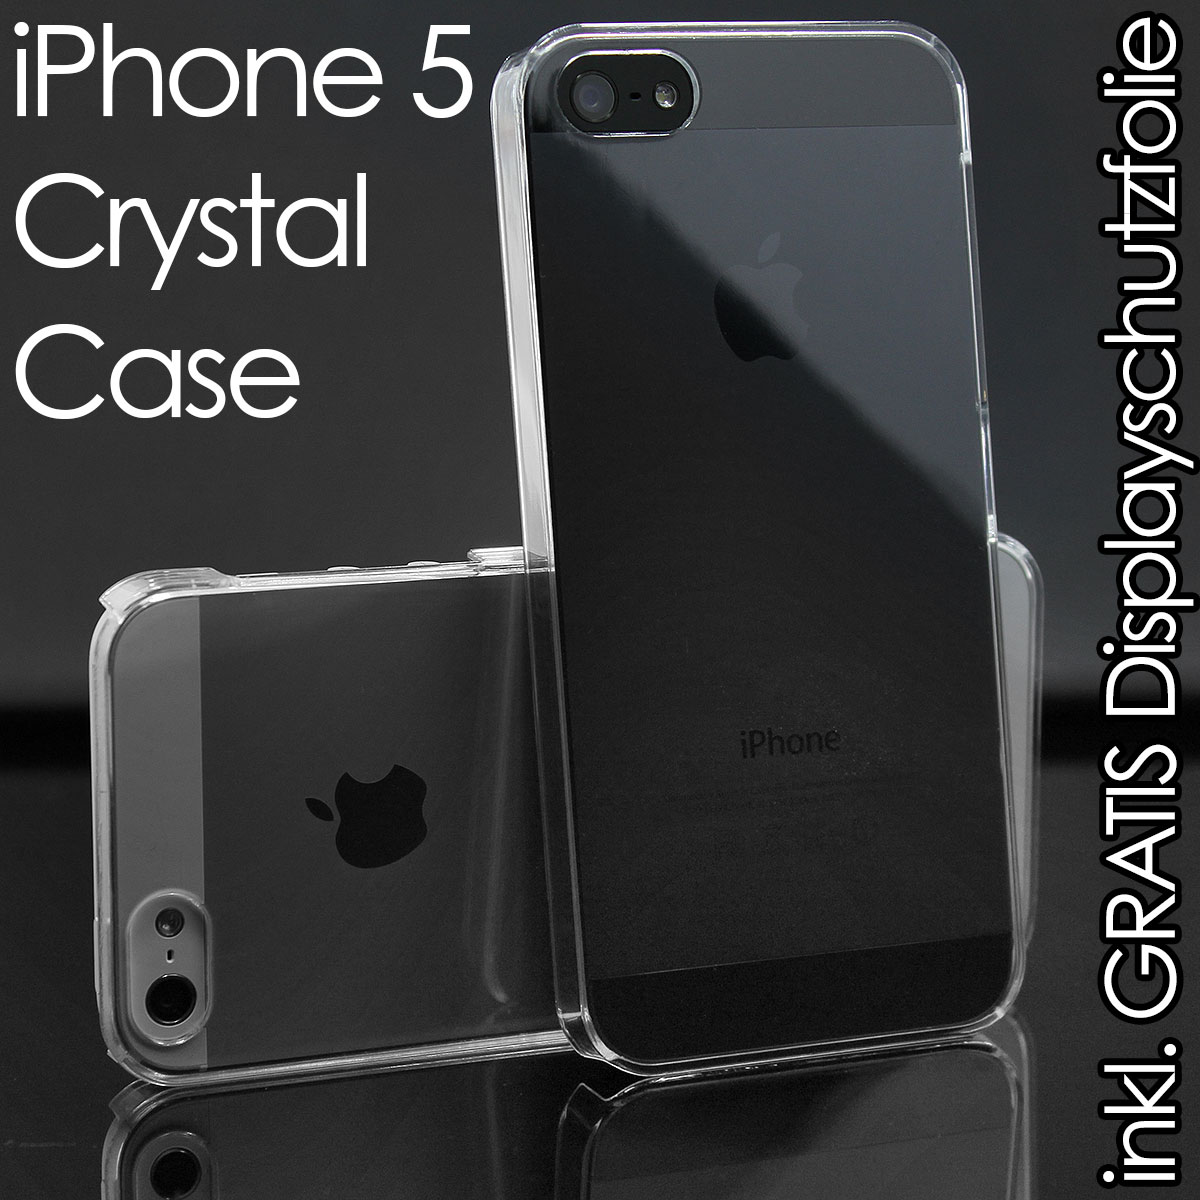 iPhone-5-ULTRA-DUNN-Crystal-Case-Hard-Schutz-Huelle-Cover-clear-transparent-NEU